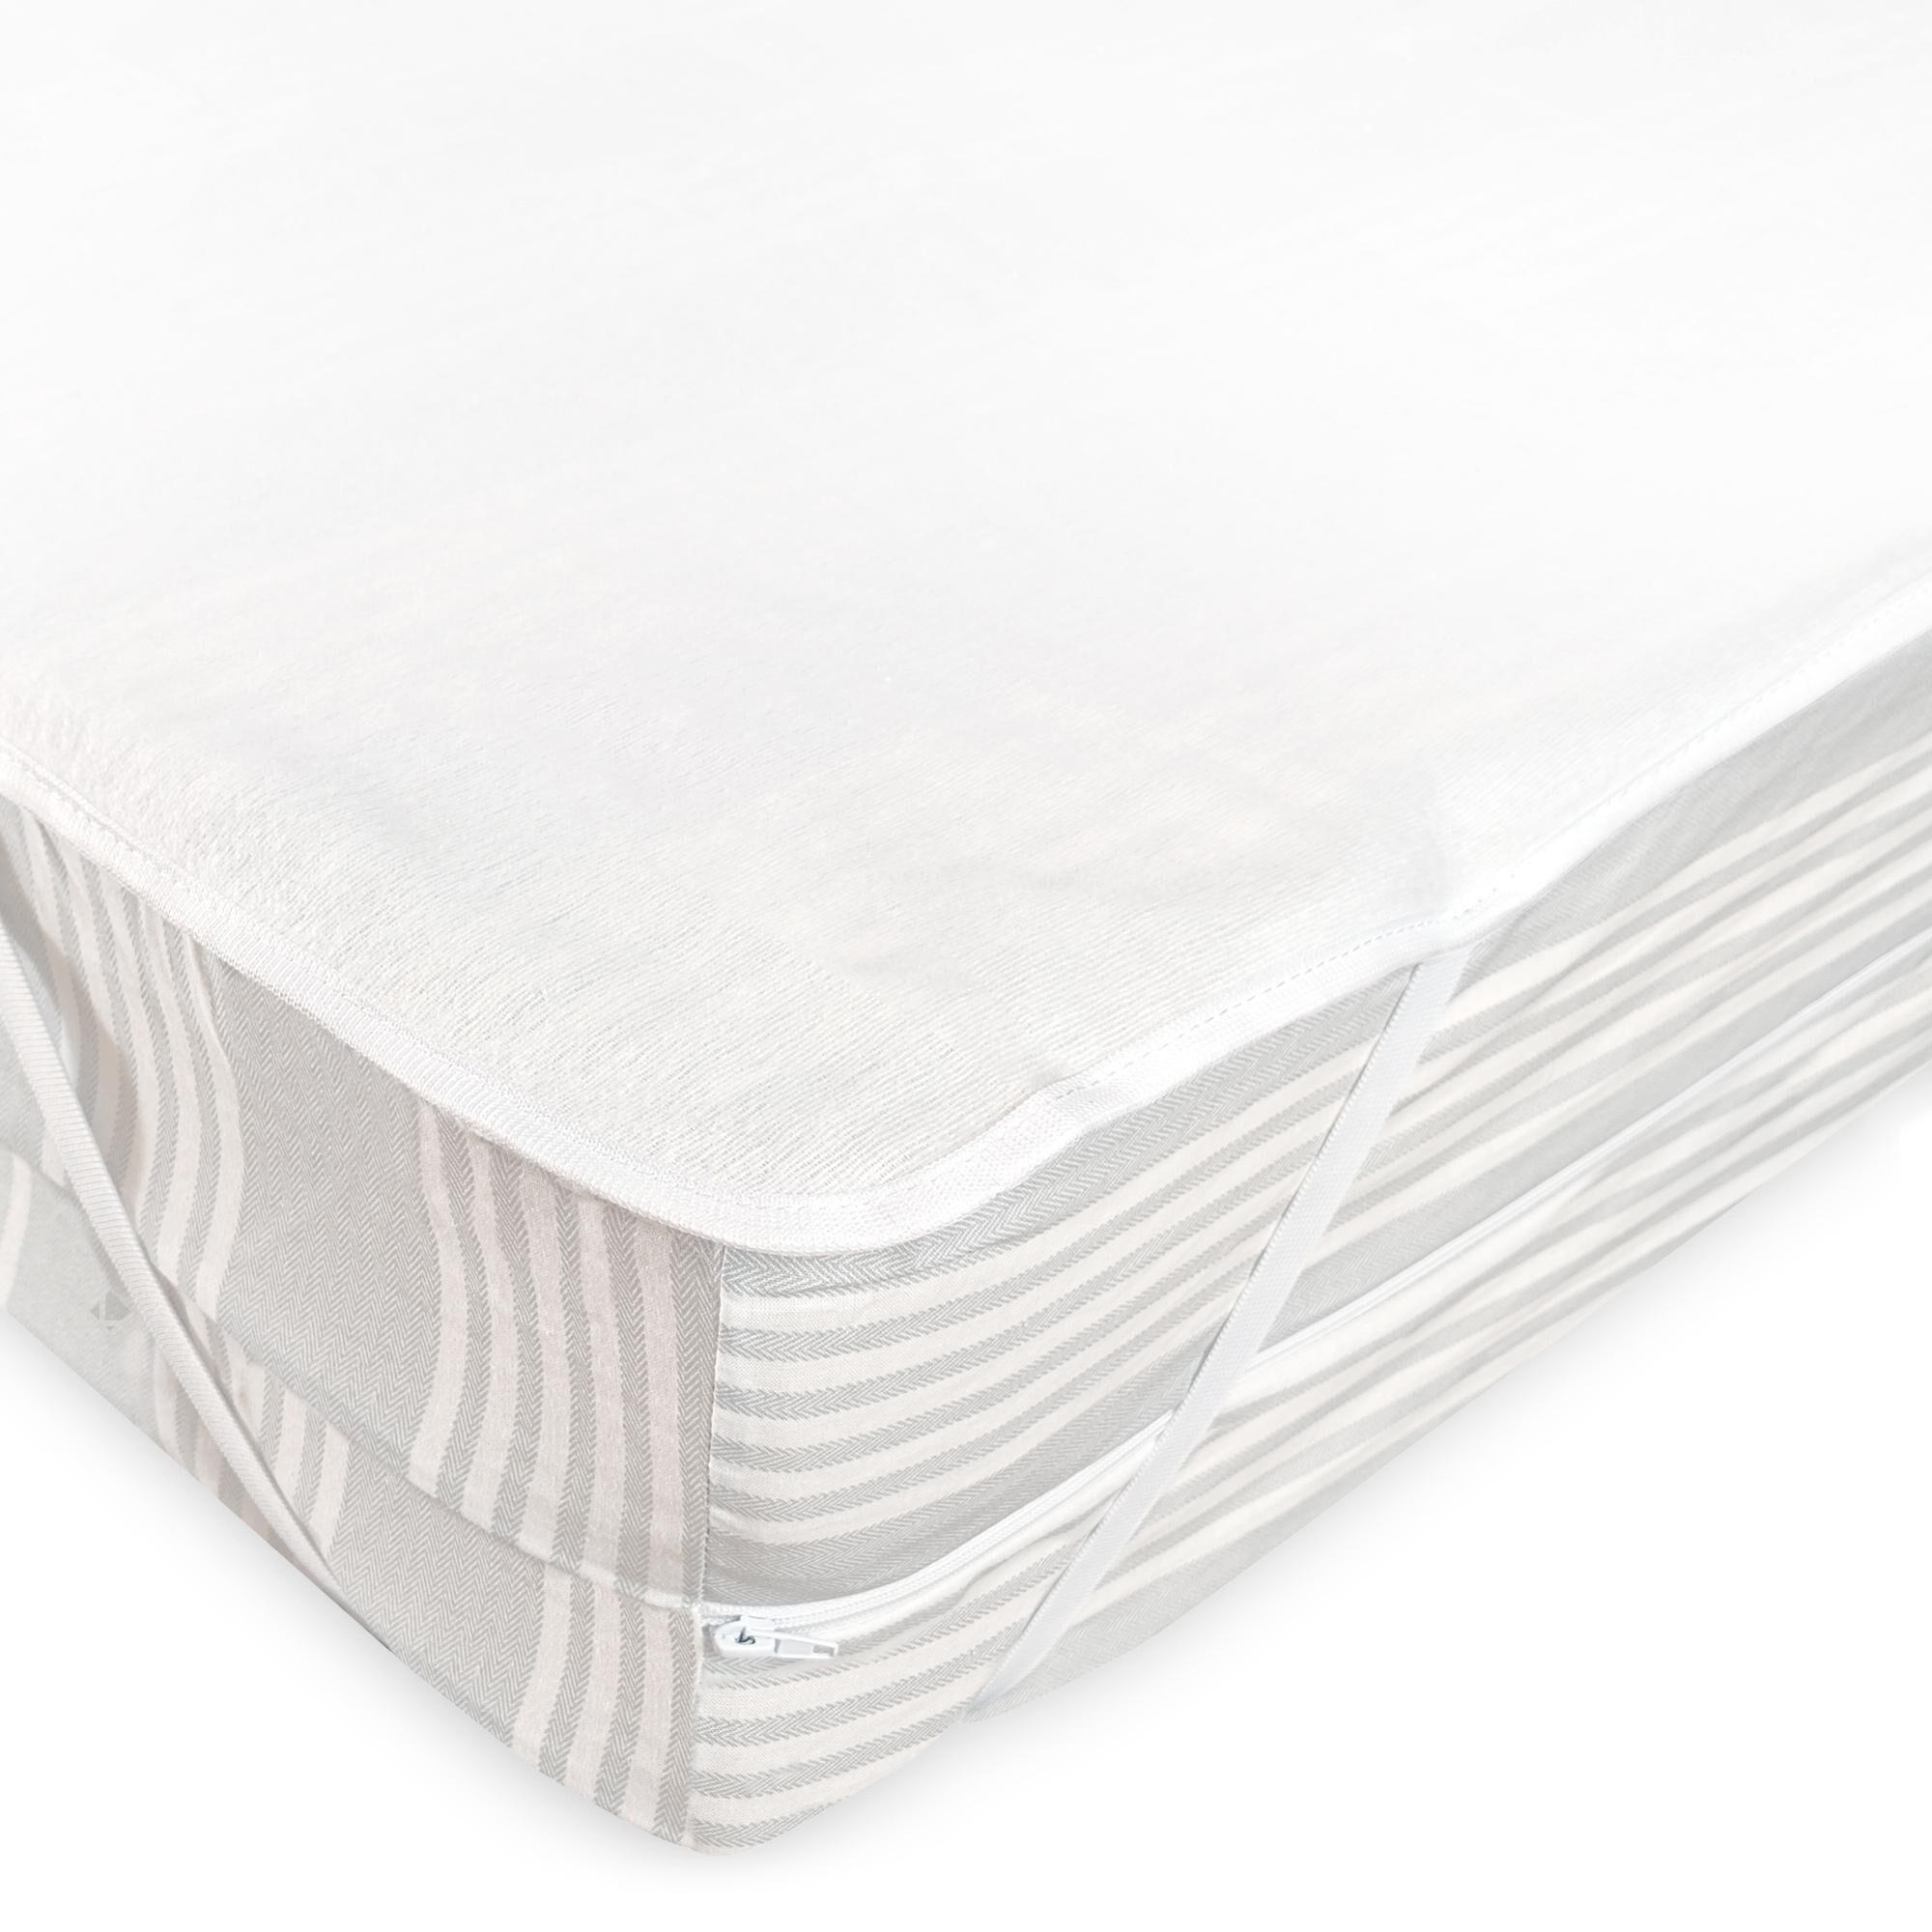 Linnea Alèse plate imperméable 200x200 cm ARNON molleton 100% coton contrecollé polyuréthane